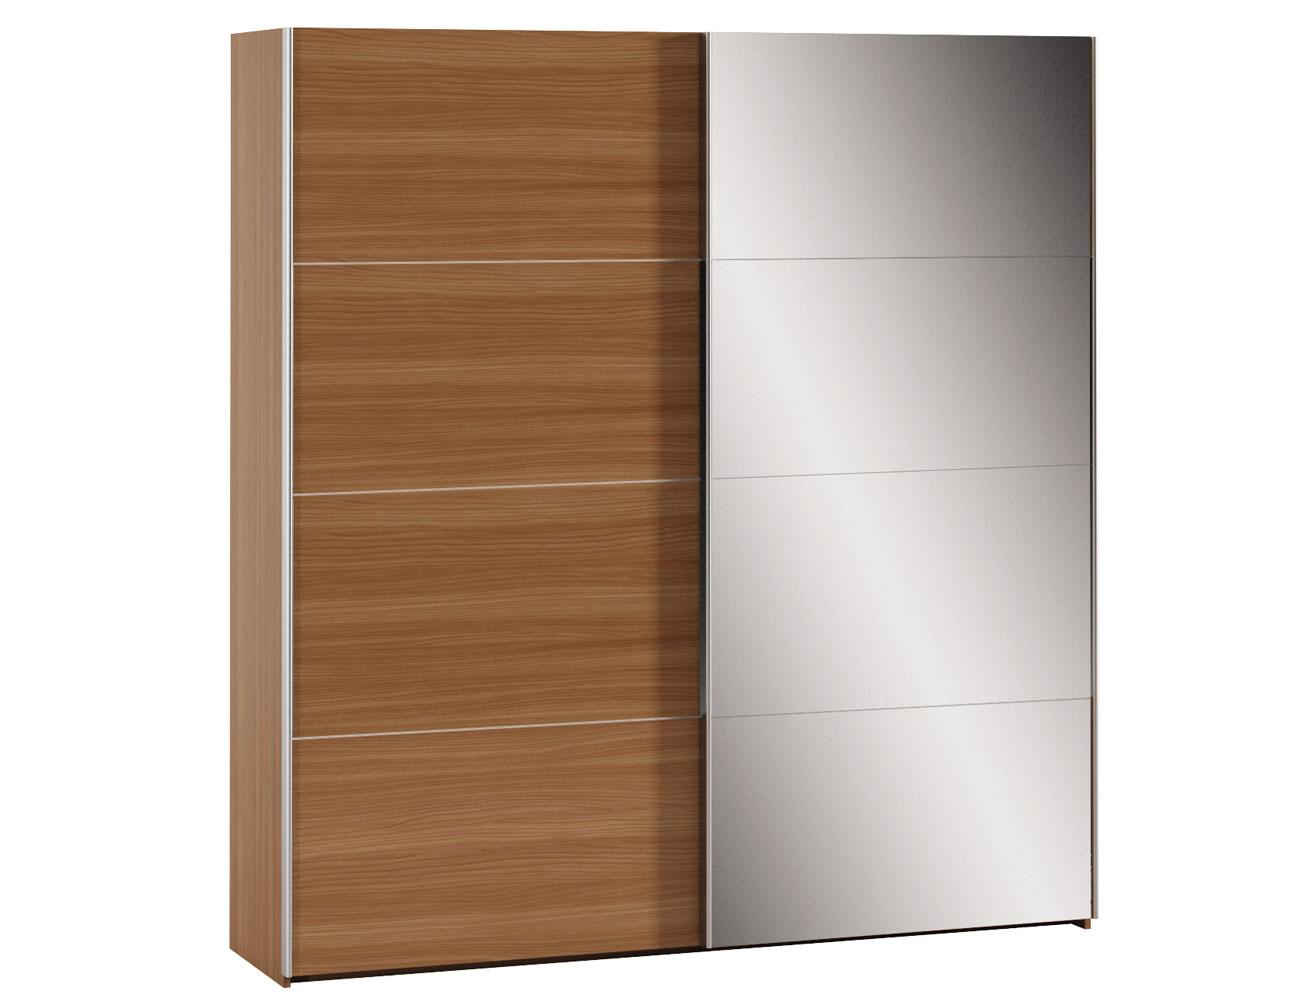 Dk 60 armario 2p correderas nogal espejo